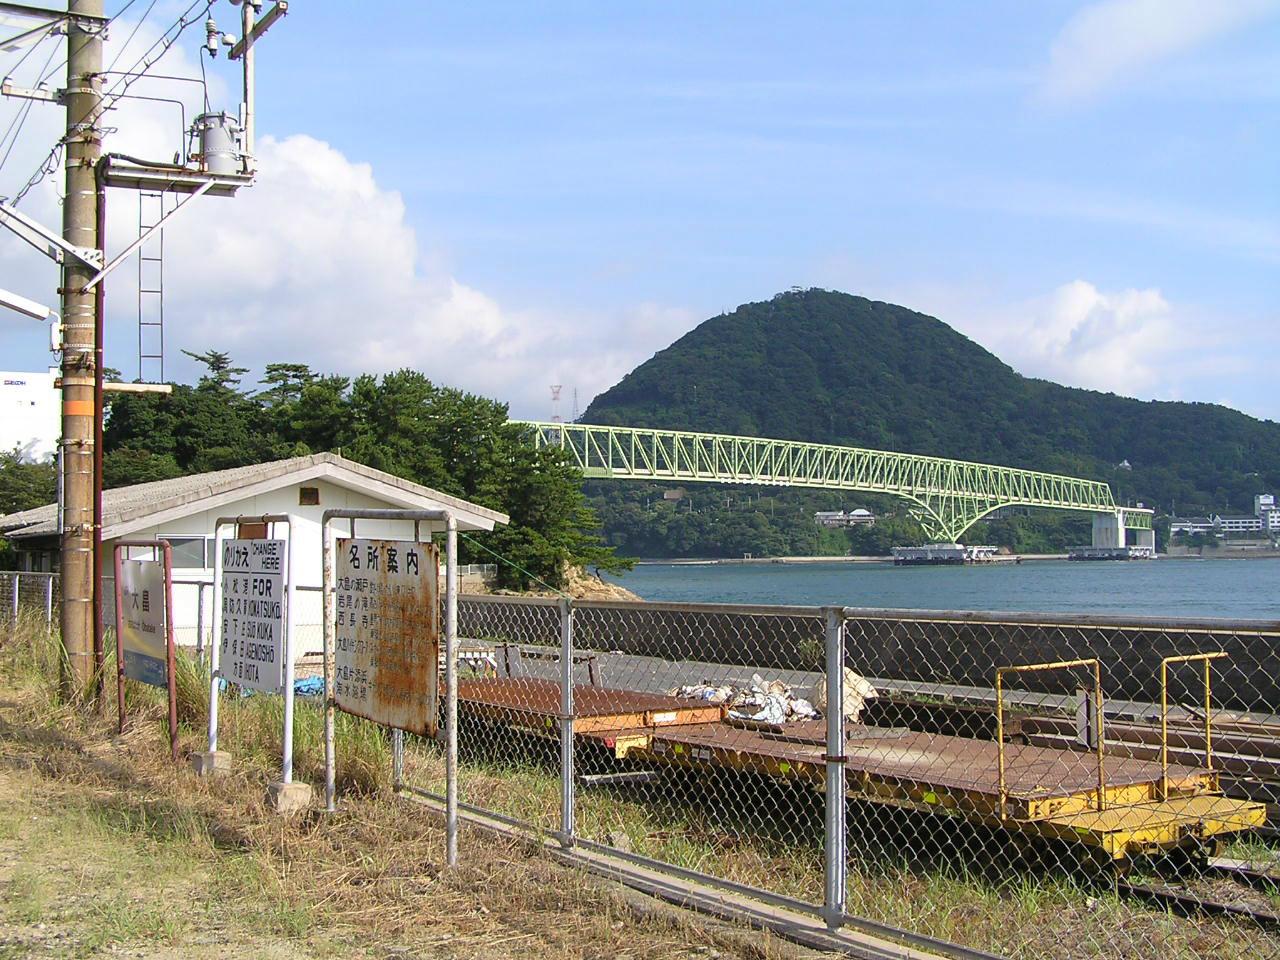 大畠駅から見た周防大島(屋代島)と大島大橋